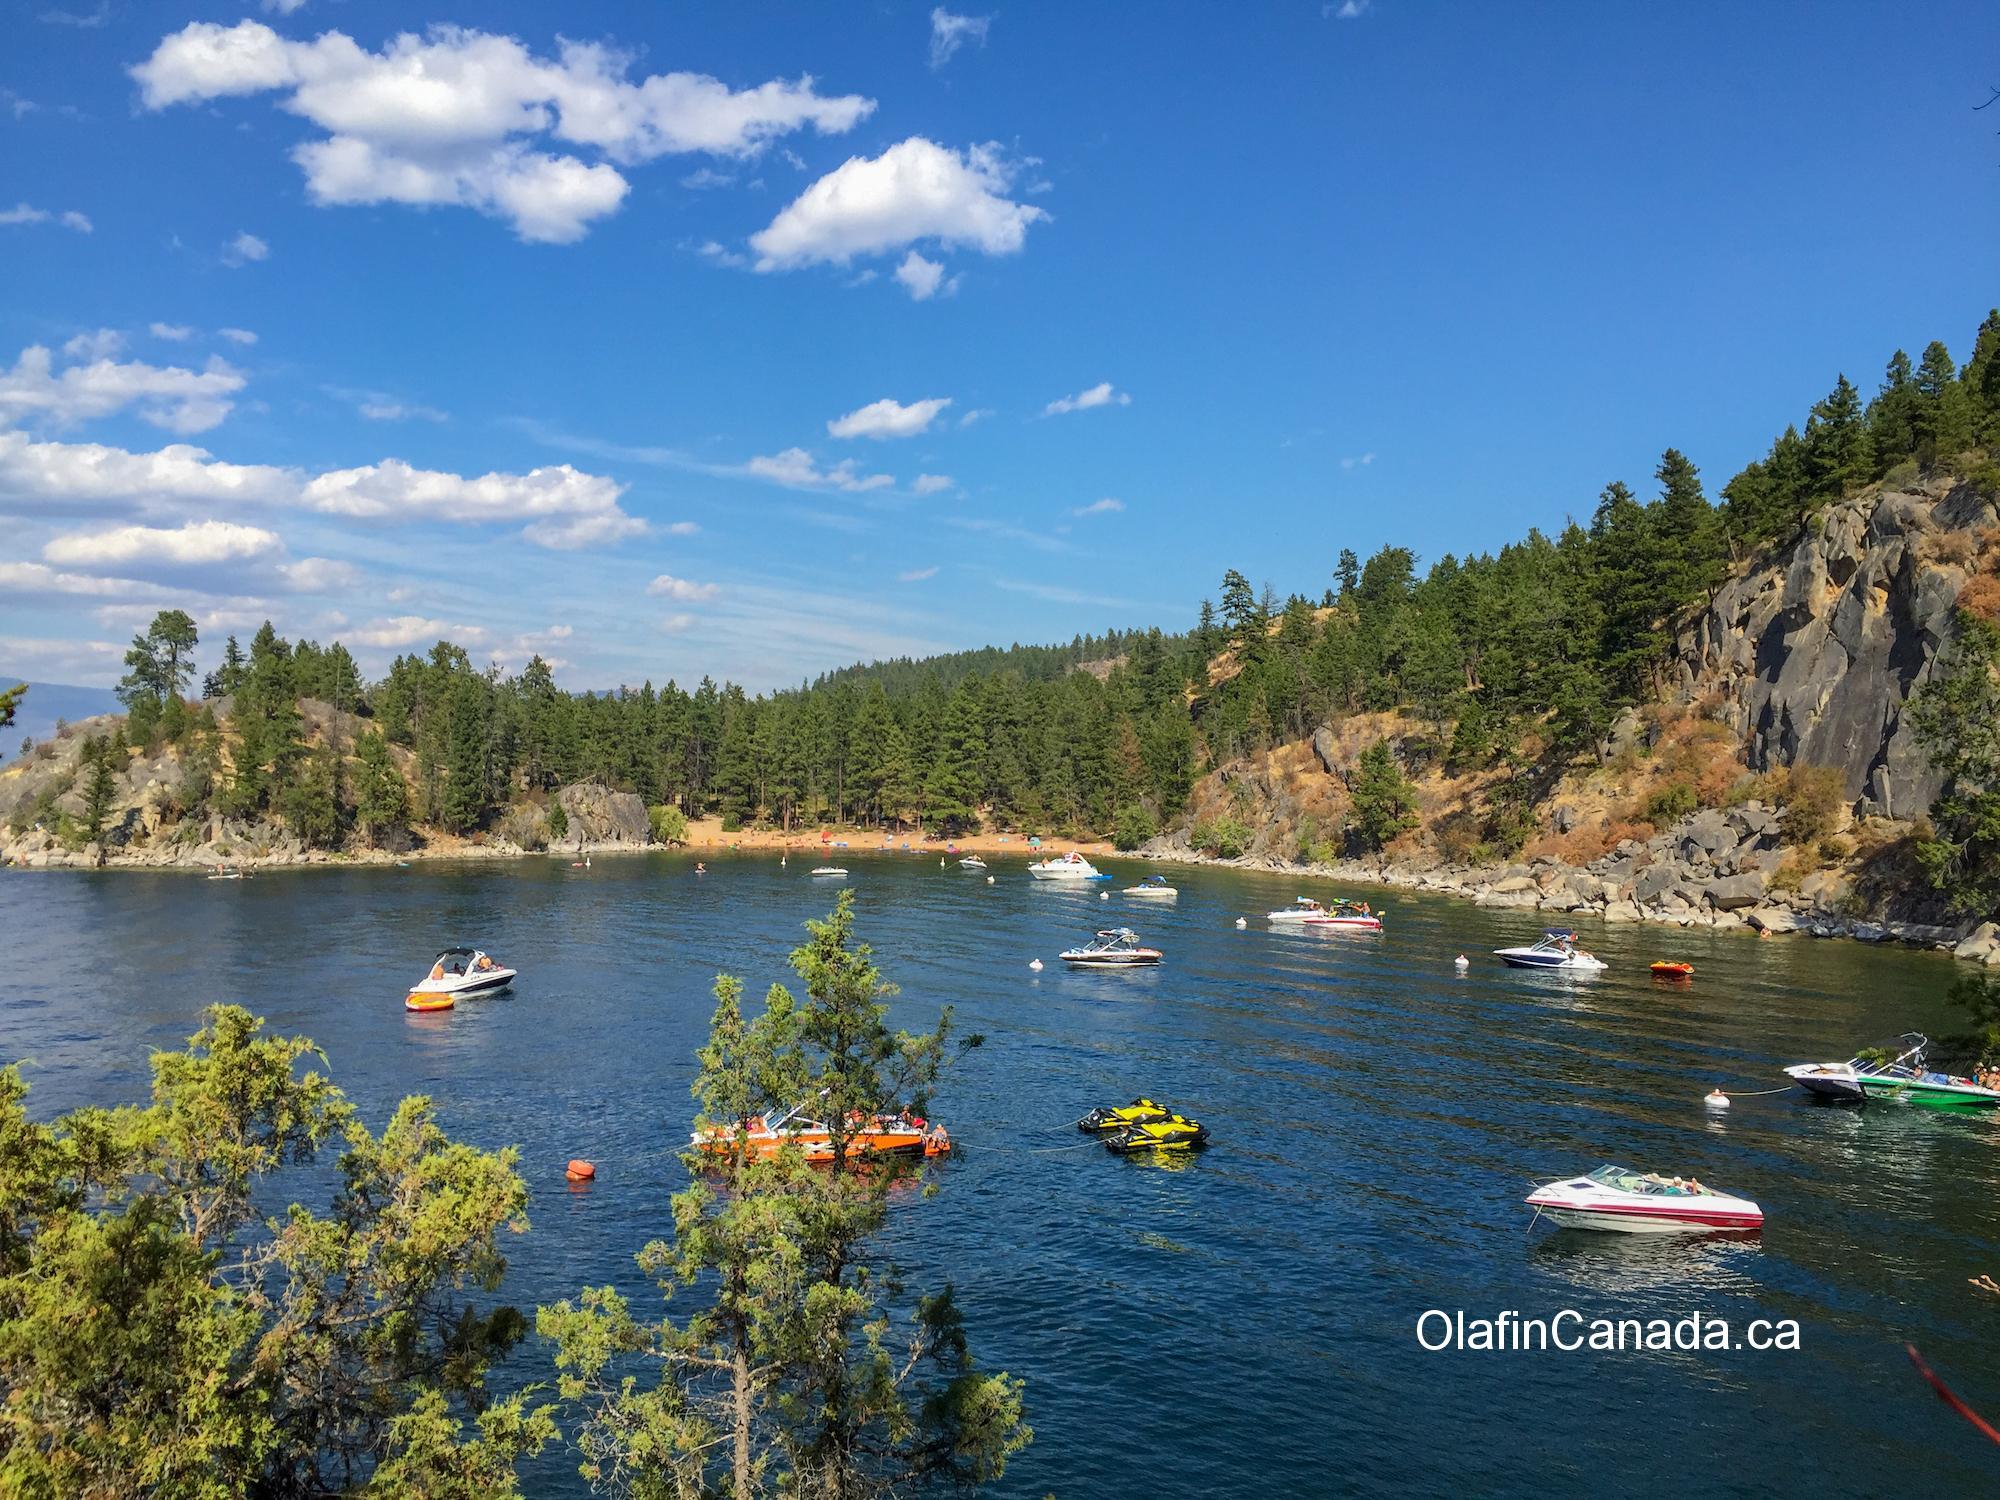 Boats resting on Okanagan Lake #olafincanada #britishcolumbia #discoverbc #okanaganlake #sunshine